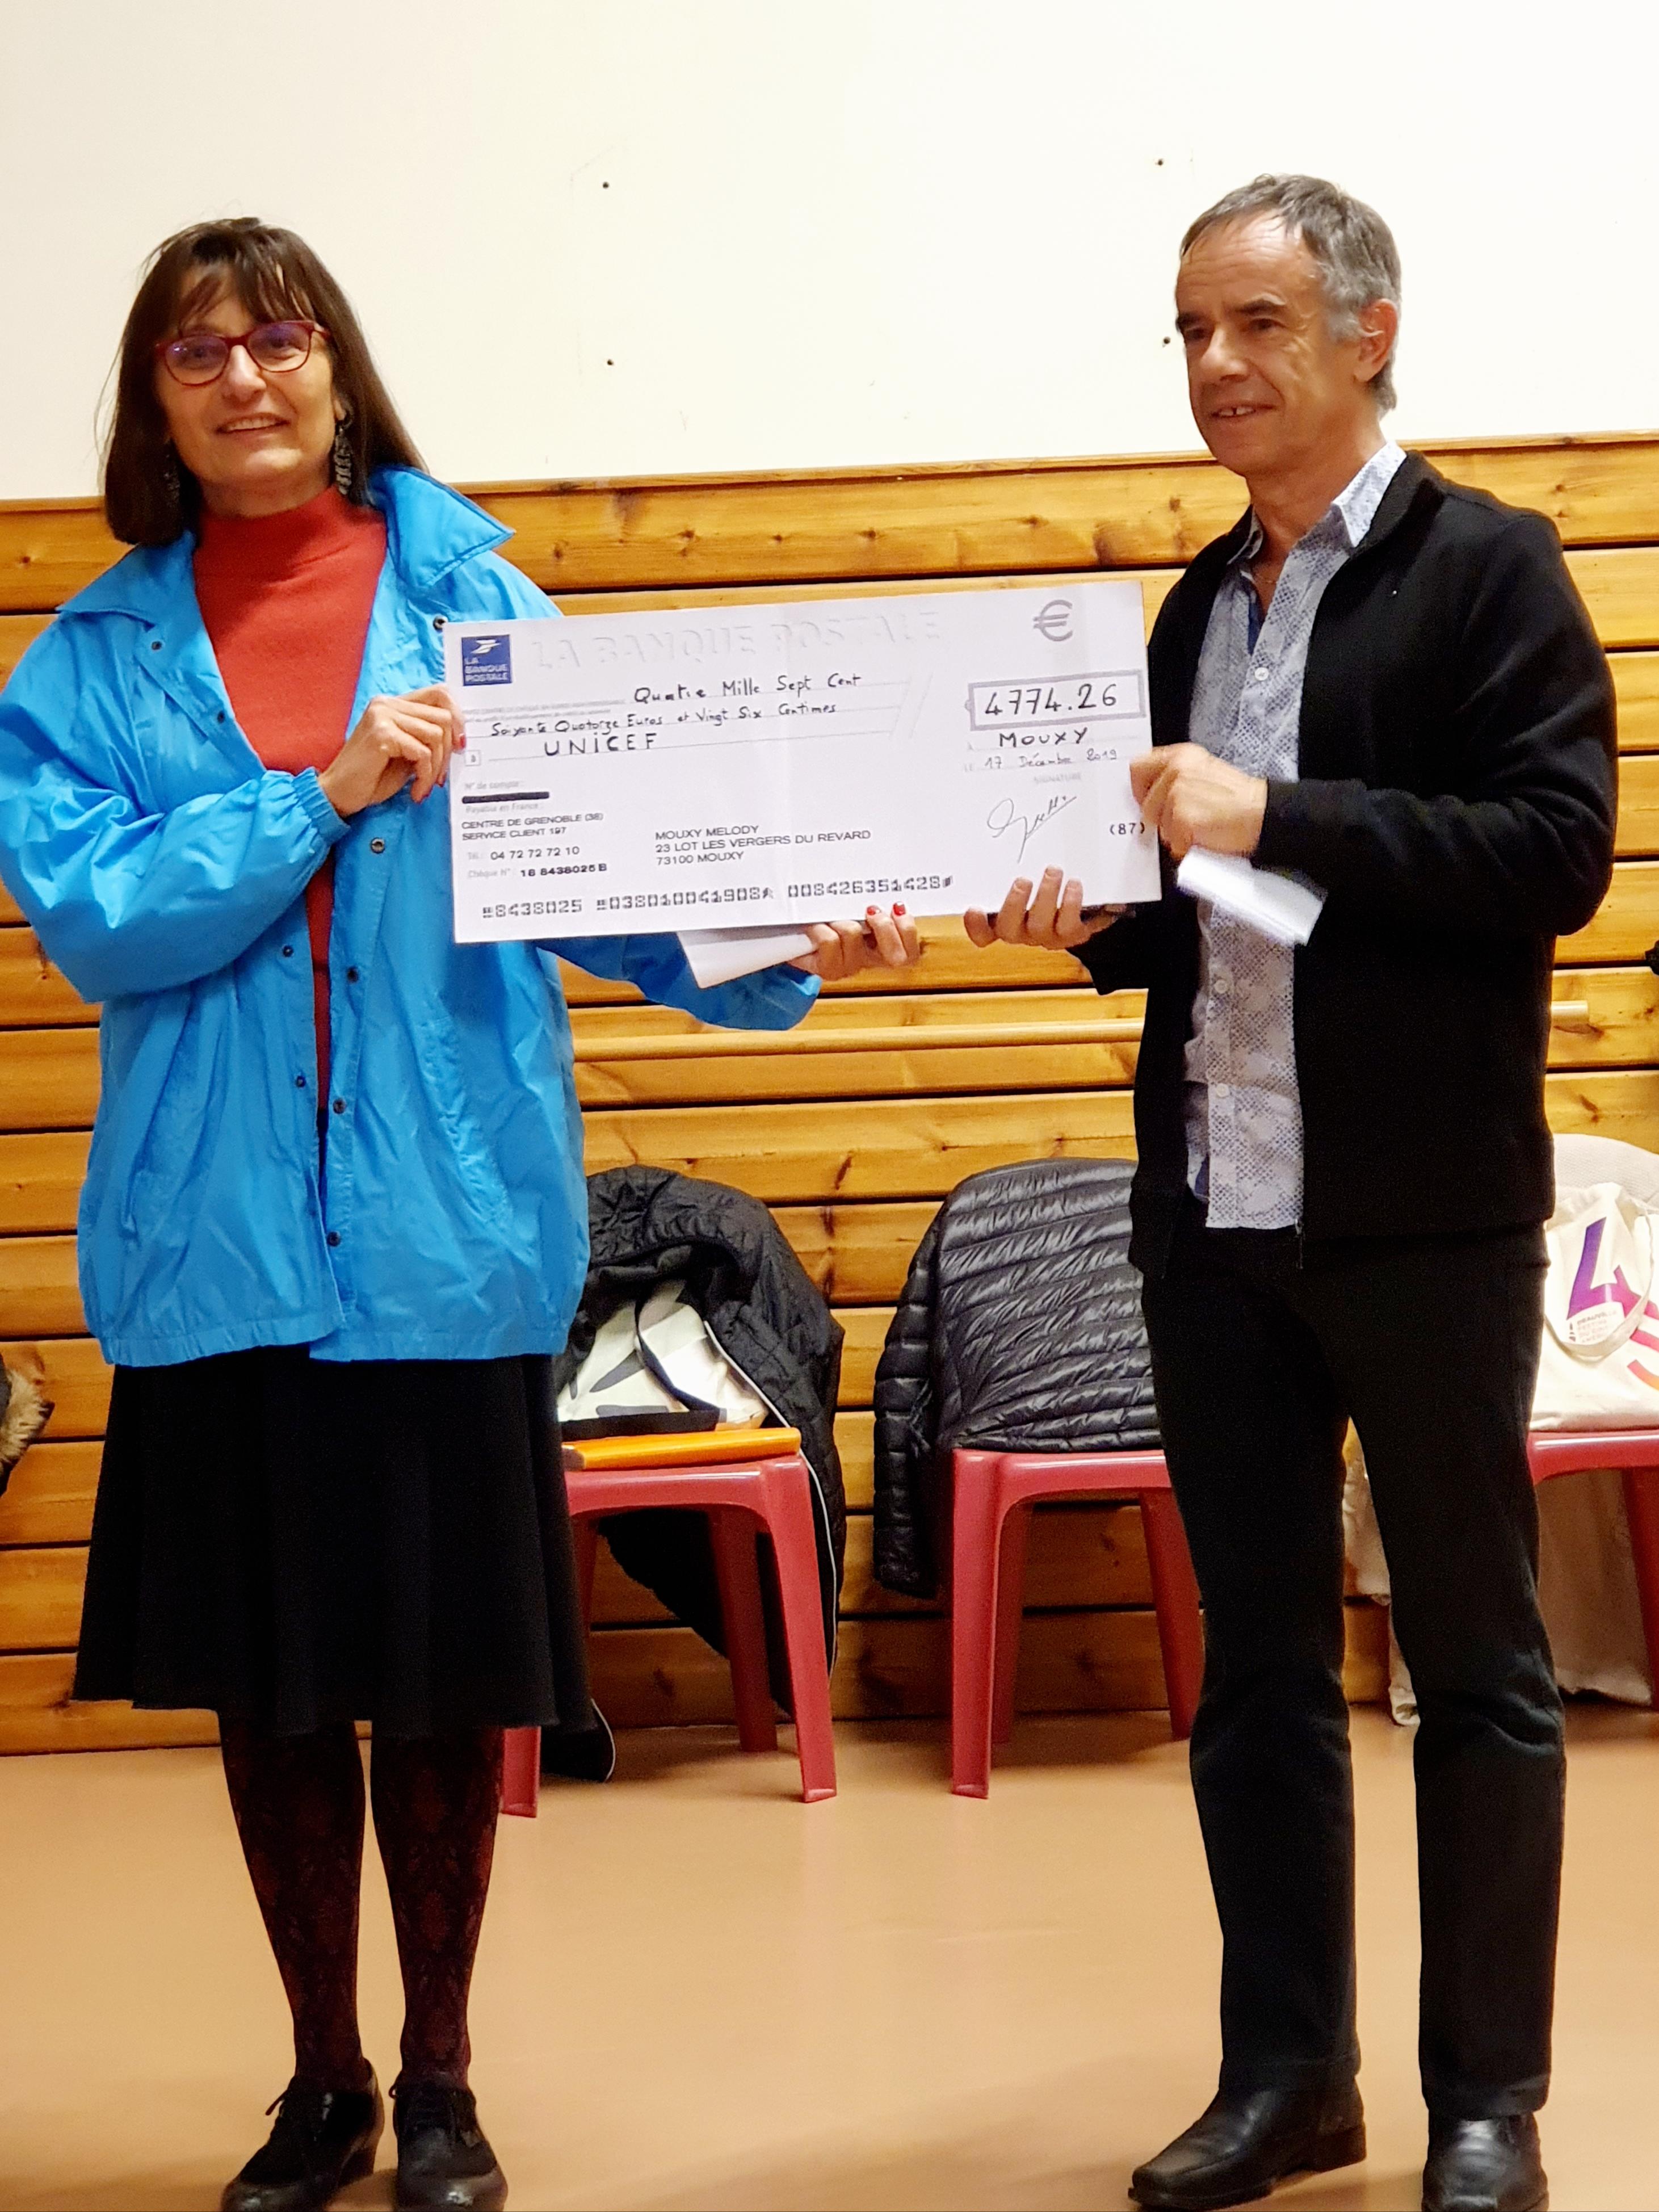 Cérémonie de remise du chèque à l'UNICEF